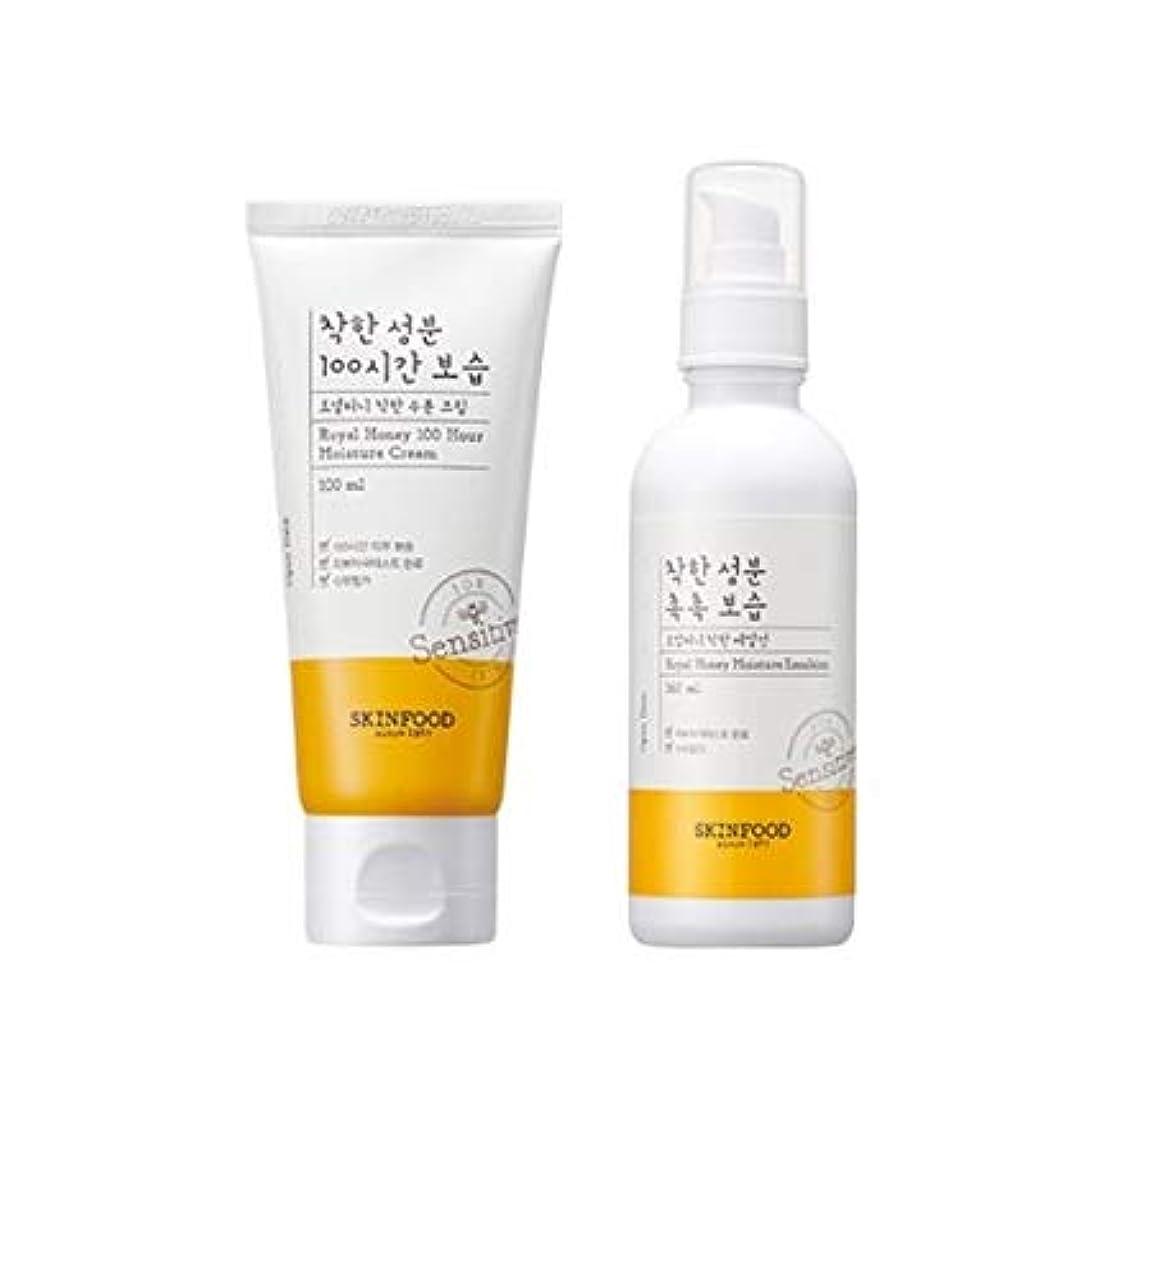 命令的溝描写Skinfood ロイヤルハニーグッドモイスチャークリーム100ml +エマルジョン160ml(セット) / Royal Honey Good Moisture Cream 100ml + Emulsion 160ml...